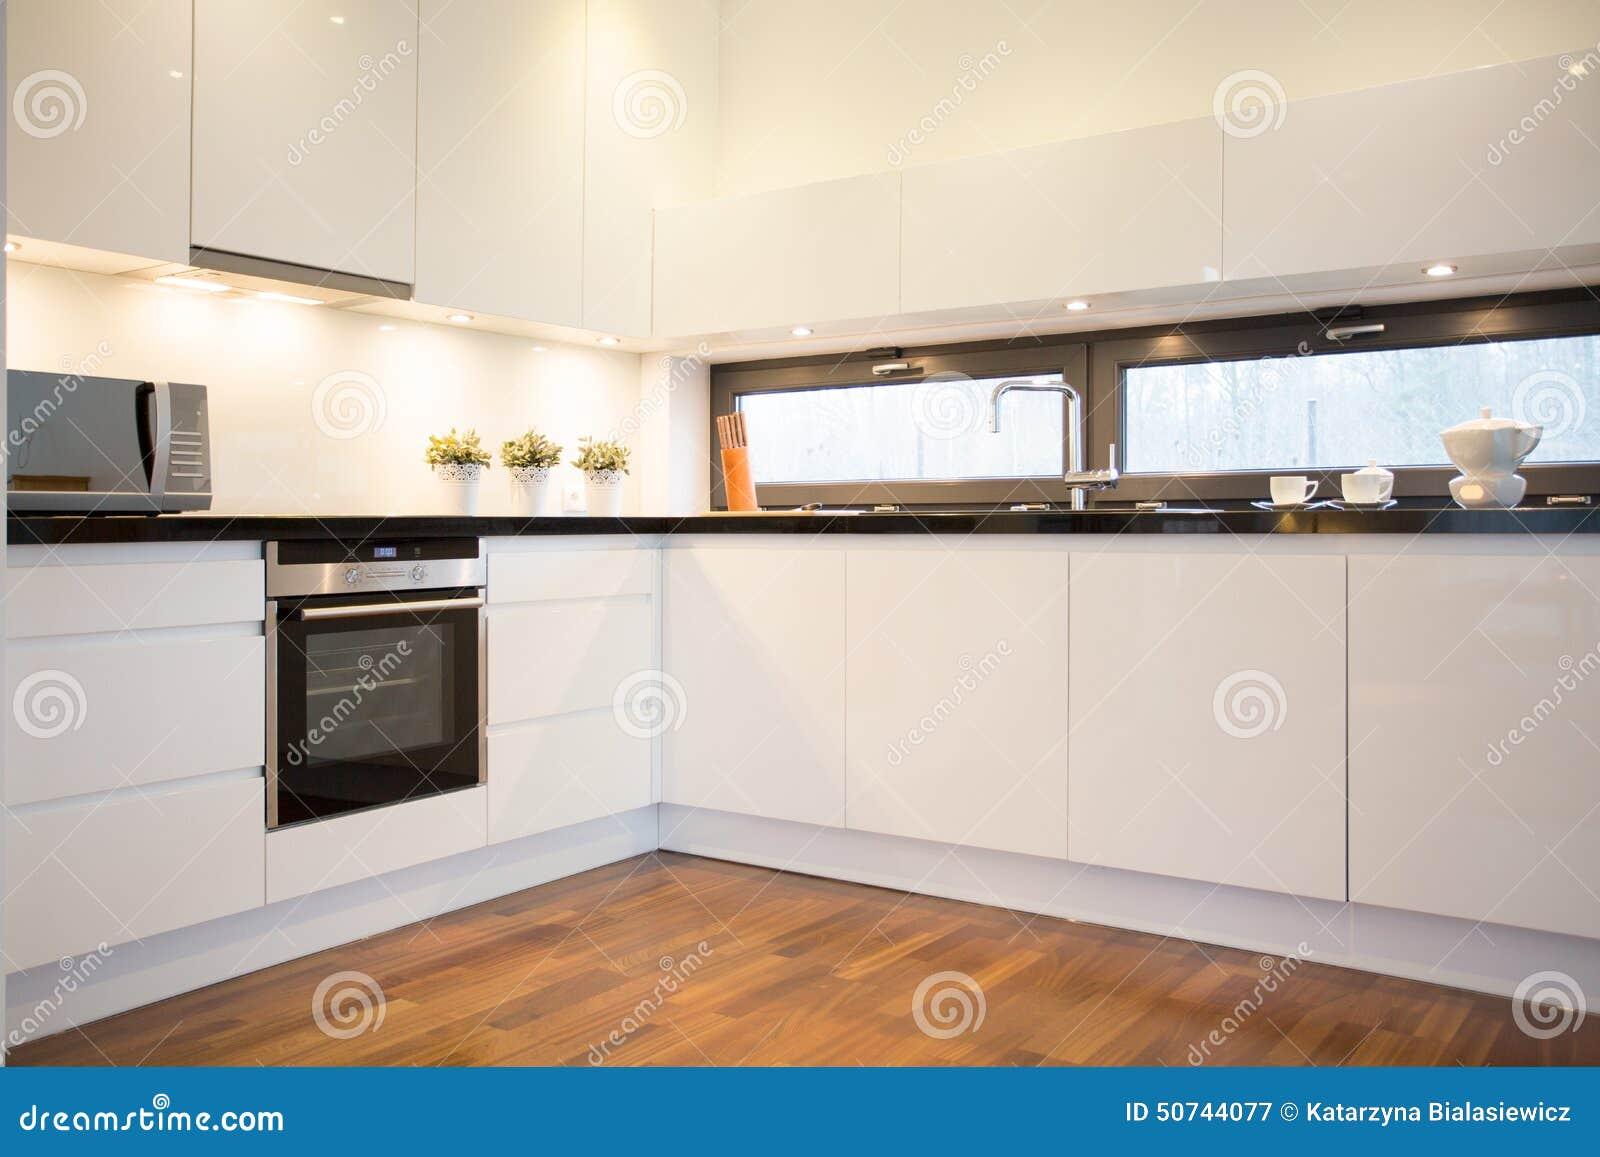 Cucina Bianca Con Il Pavimento Di Legno Immagine Stock - Immagine di ...